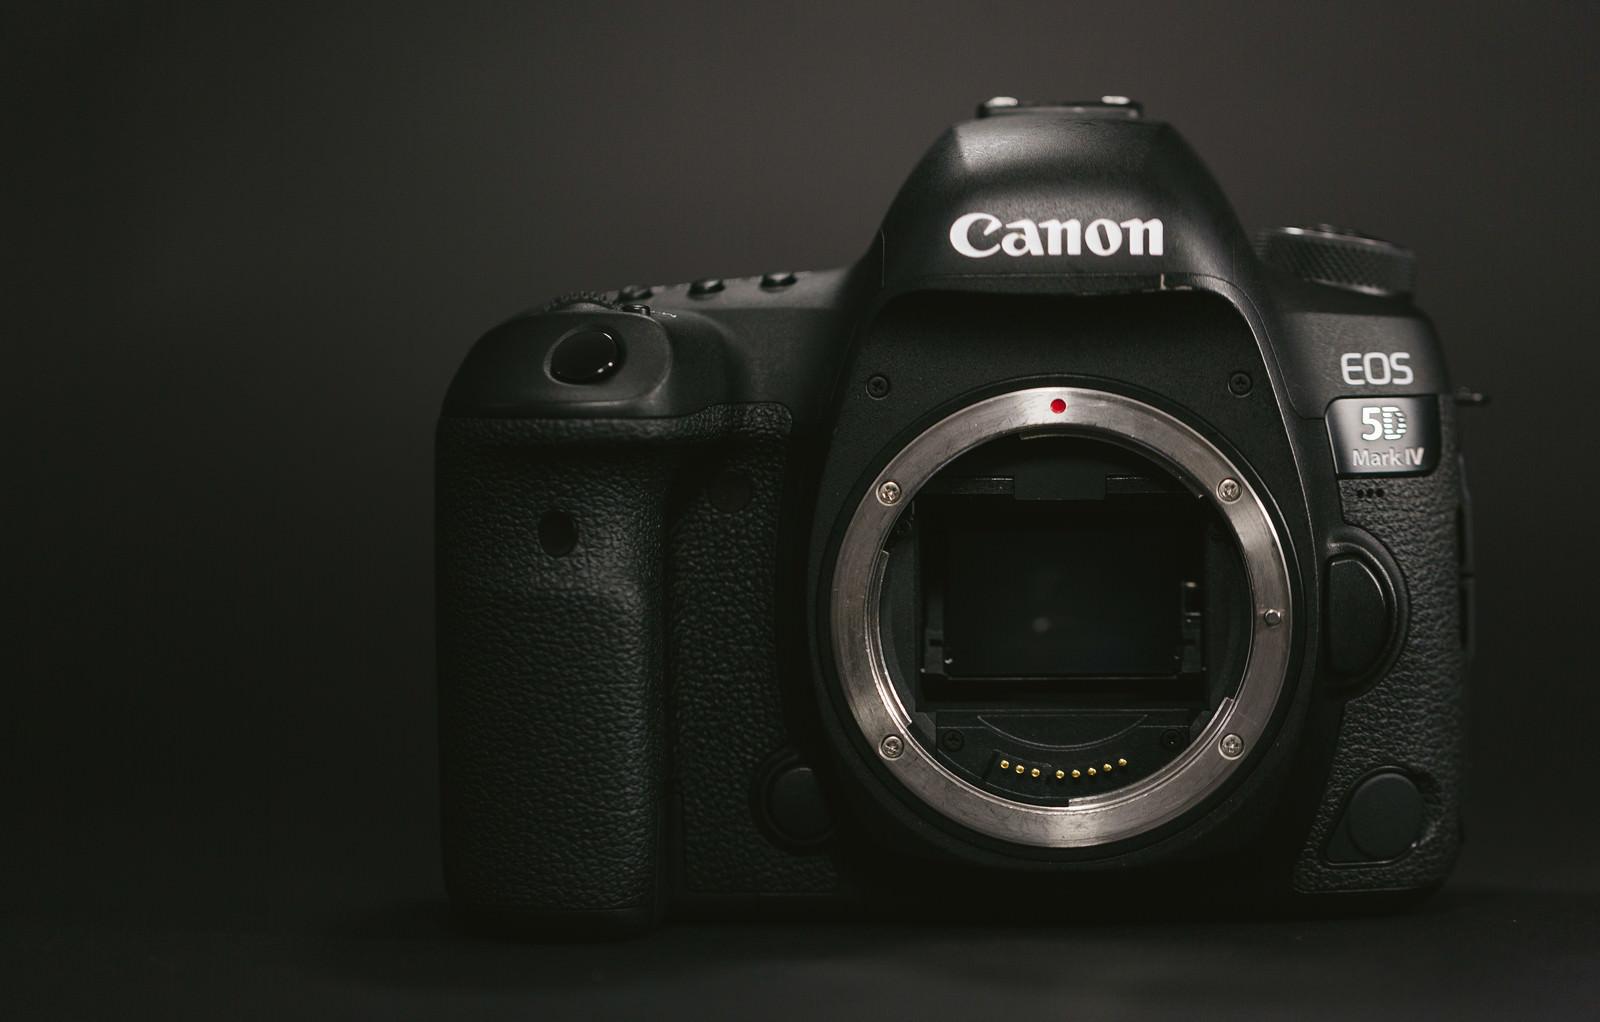 「フルサイズのデジタル一眼レフカメラフルサイズのデジタル一眼レフカメラ」のフリー写真素材を拡大